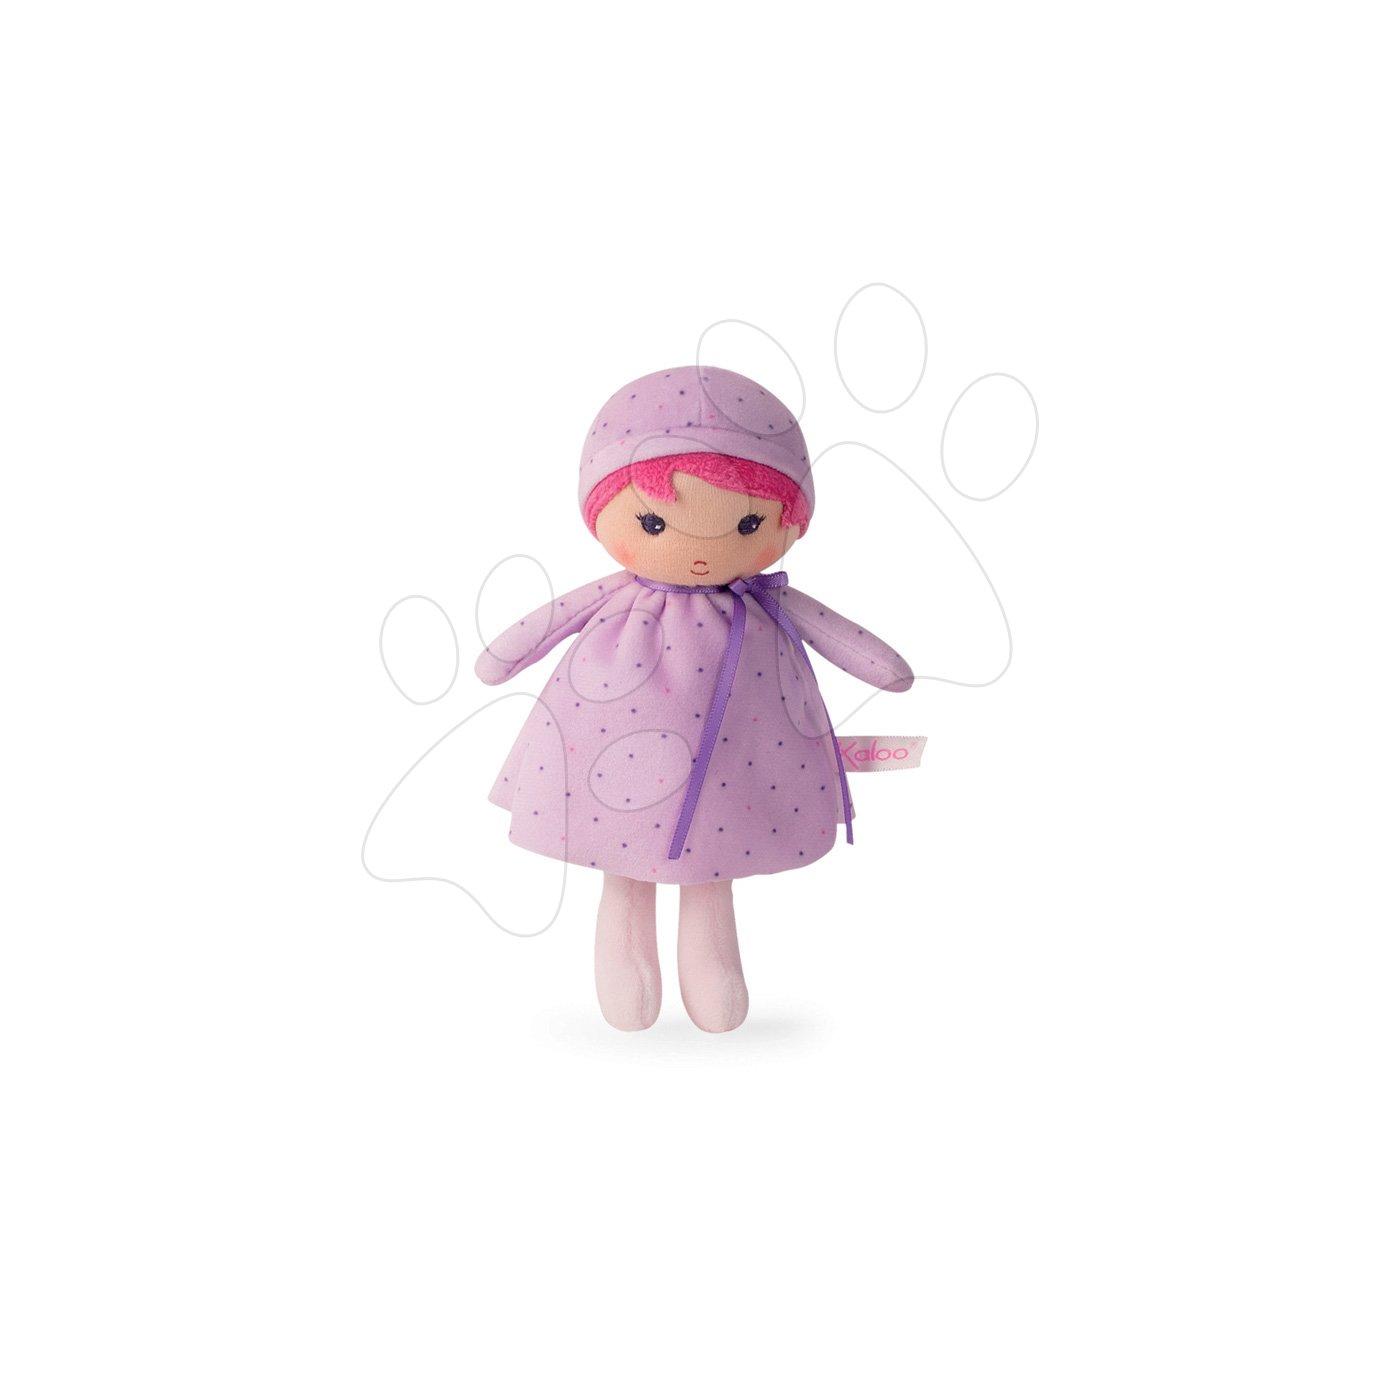 Kaloo bábika pre bábätká Lise K Tendresse 18 cm v bodkovaných šatách z jemného textilu v darčekovom balení 962095